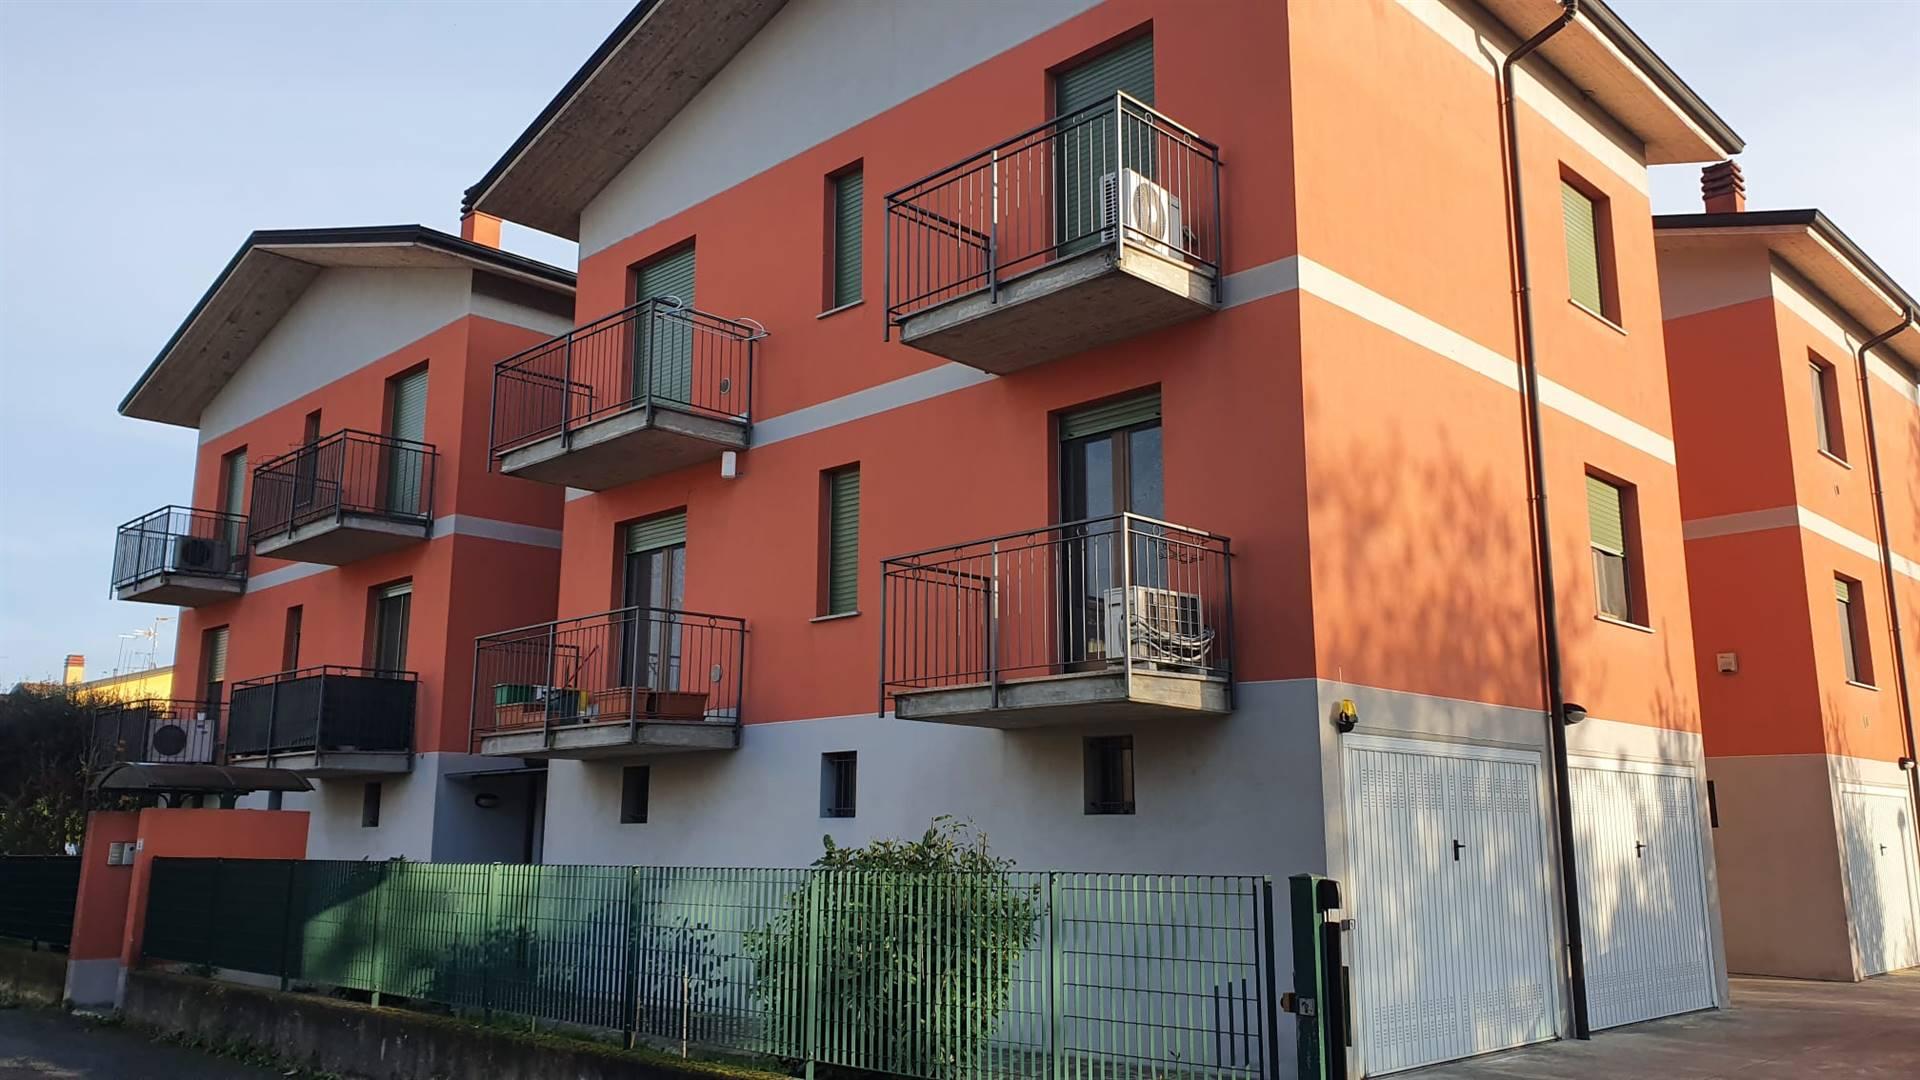 Proponiamo nel comune di Mozzanica (Bg) in grazioso contesto condominiale, sito al secondo piano senza ascensore, appartamento di tre locali di mq 100 così composto: ingresso che affaccia su salone